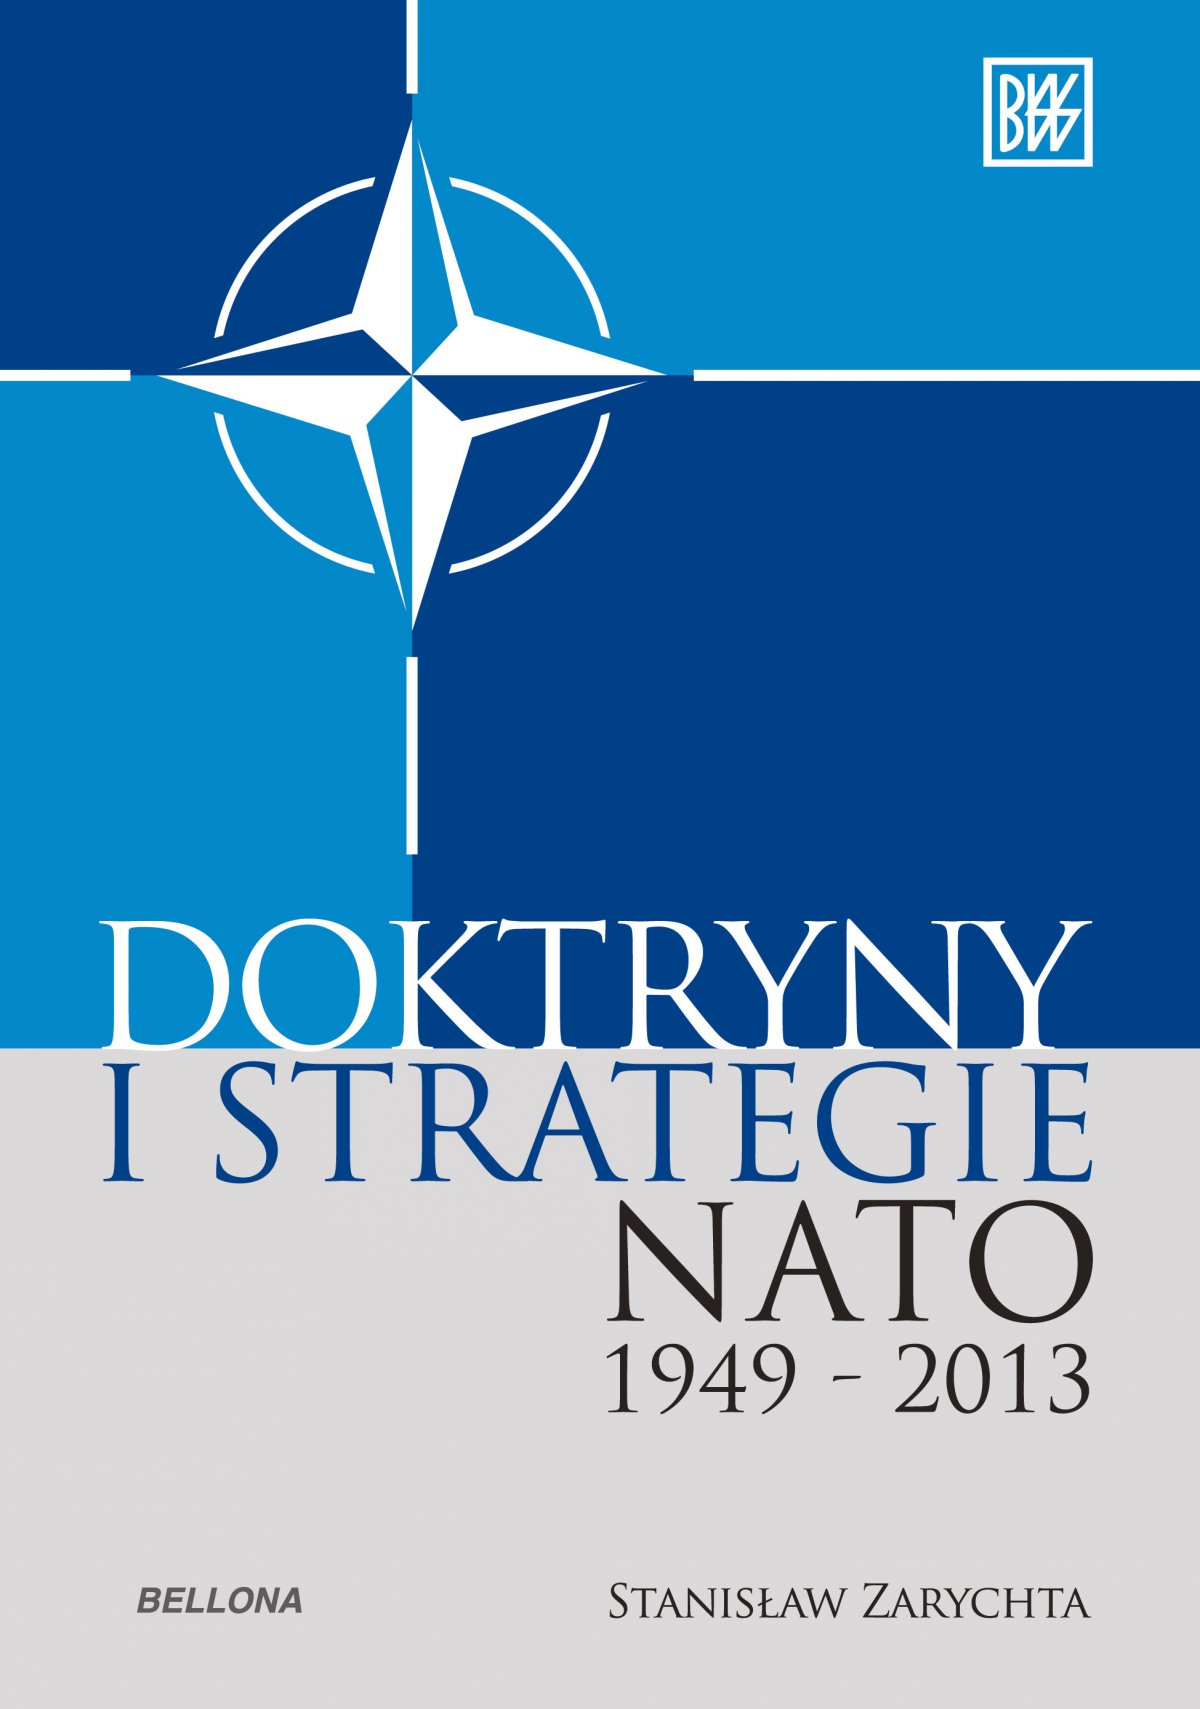 Doktryny i strategie NATO 1949-2013 - Ebook (Książka EPUB) do pobrania w formacie EPUB